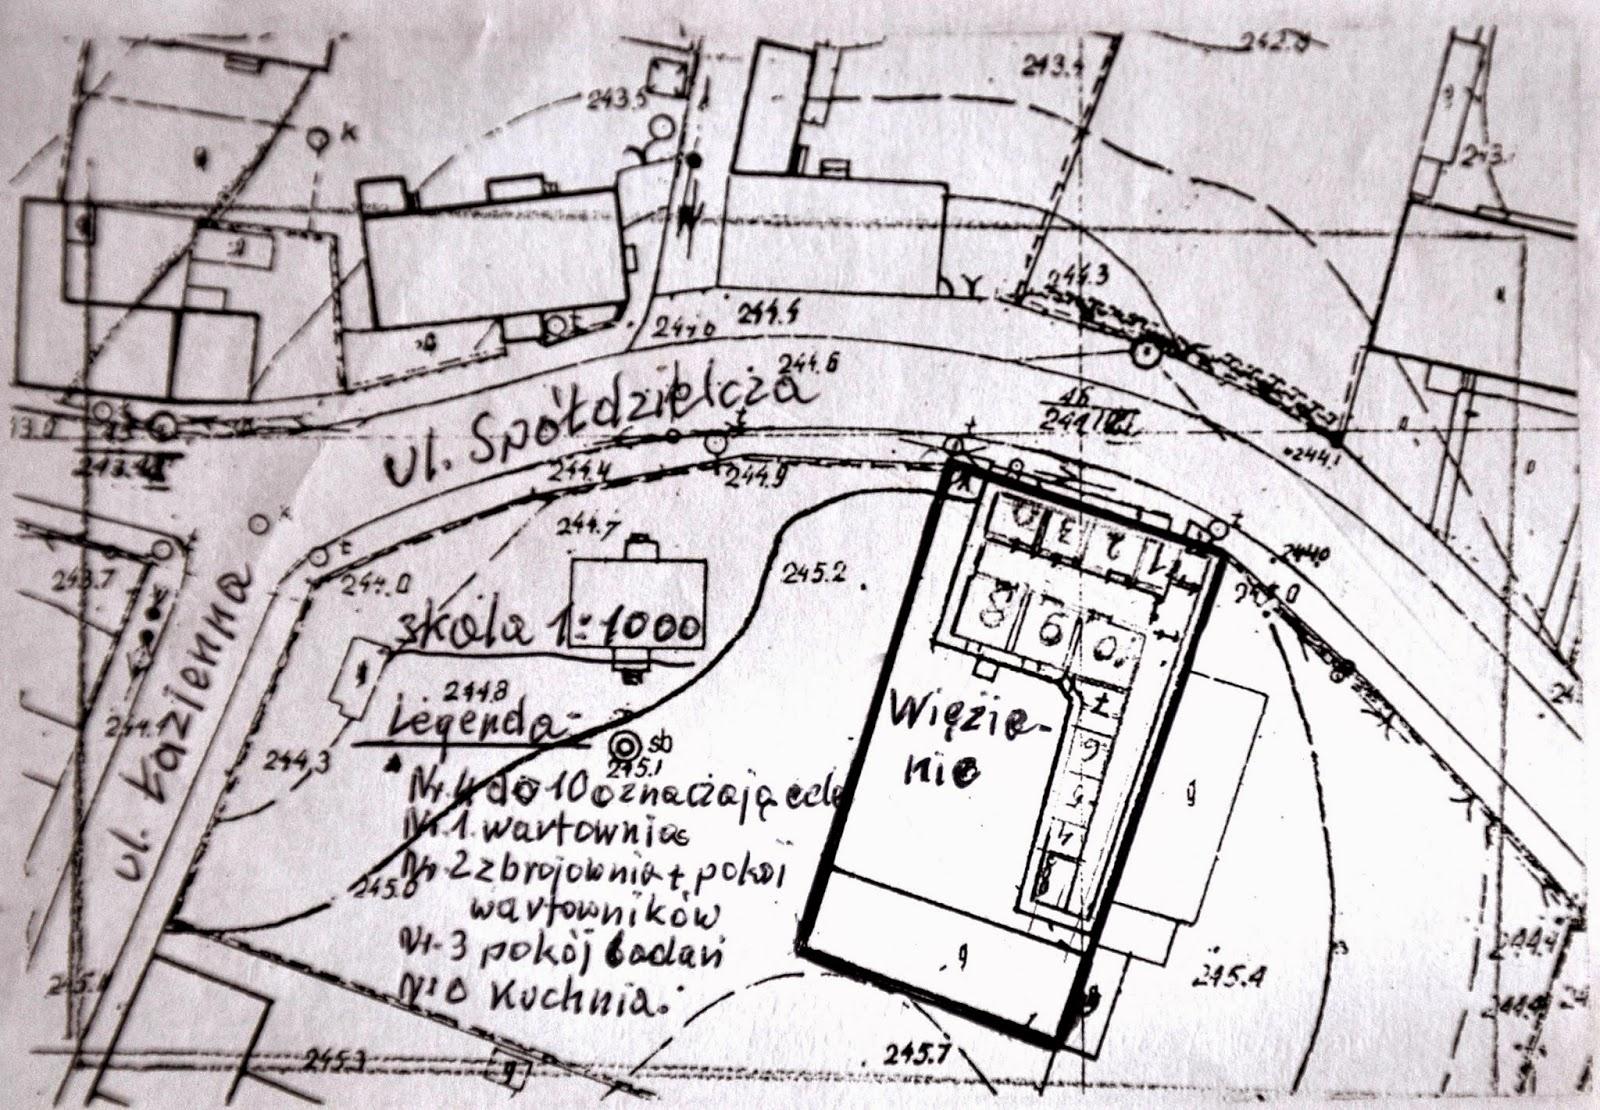 Szkic Feliksa Przyborowskiego koneckiego więzienia z zaznaczeniem rozmieszczenia pomieszczeń. W zbiorach KW